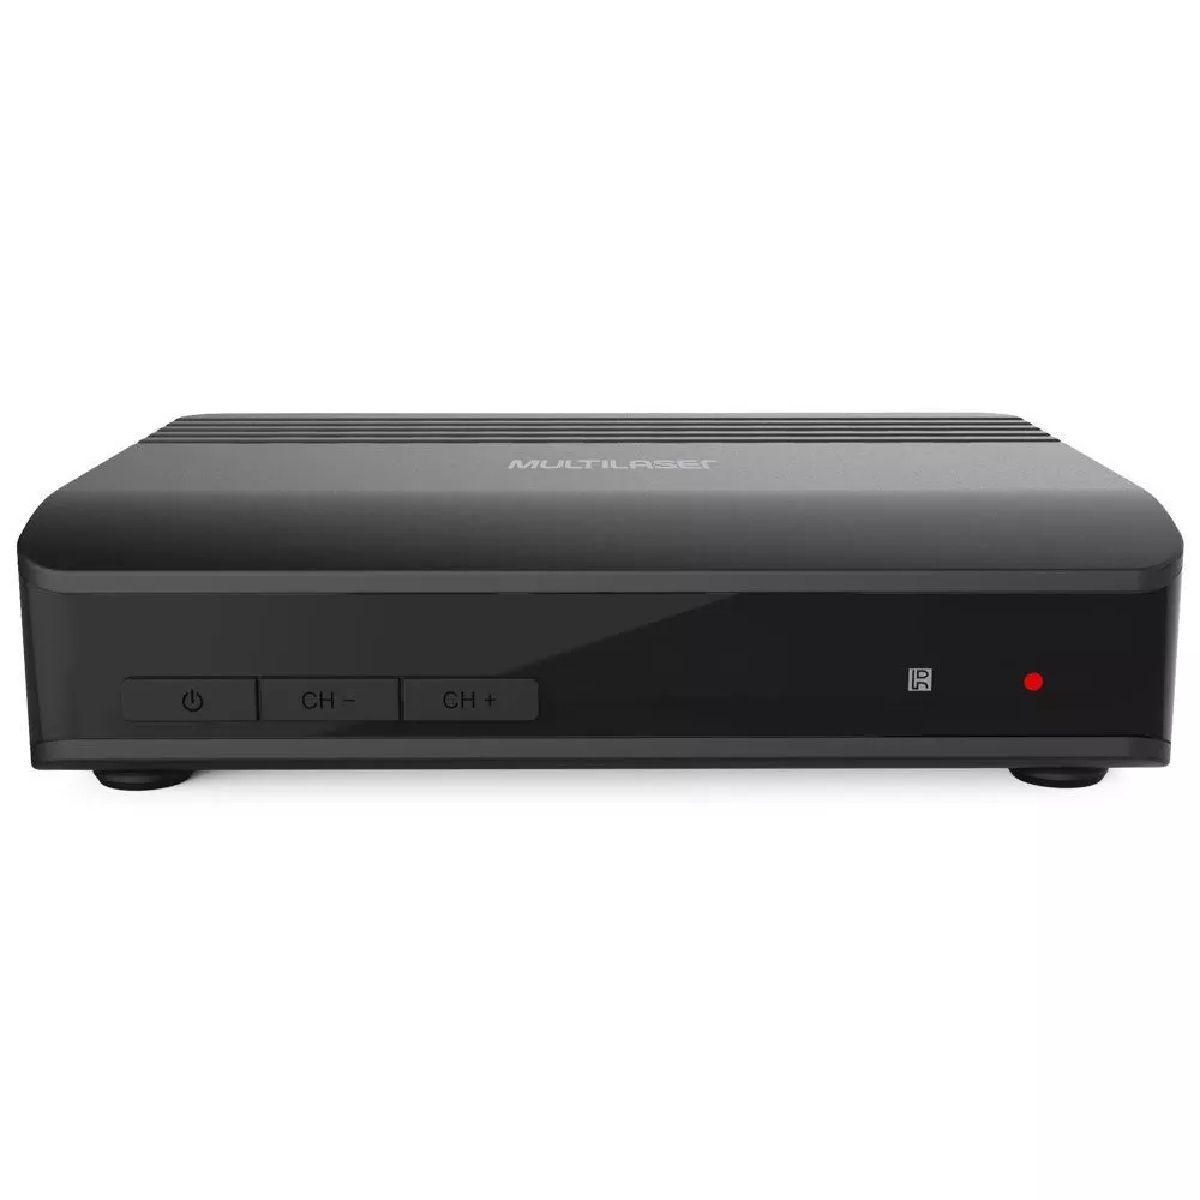 Conversor e Gravador Digital entrada HDMI Multilaser - RE219